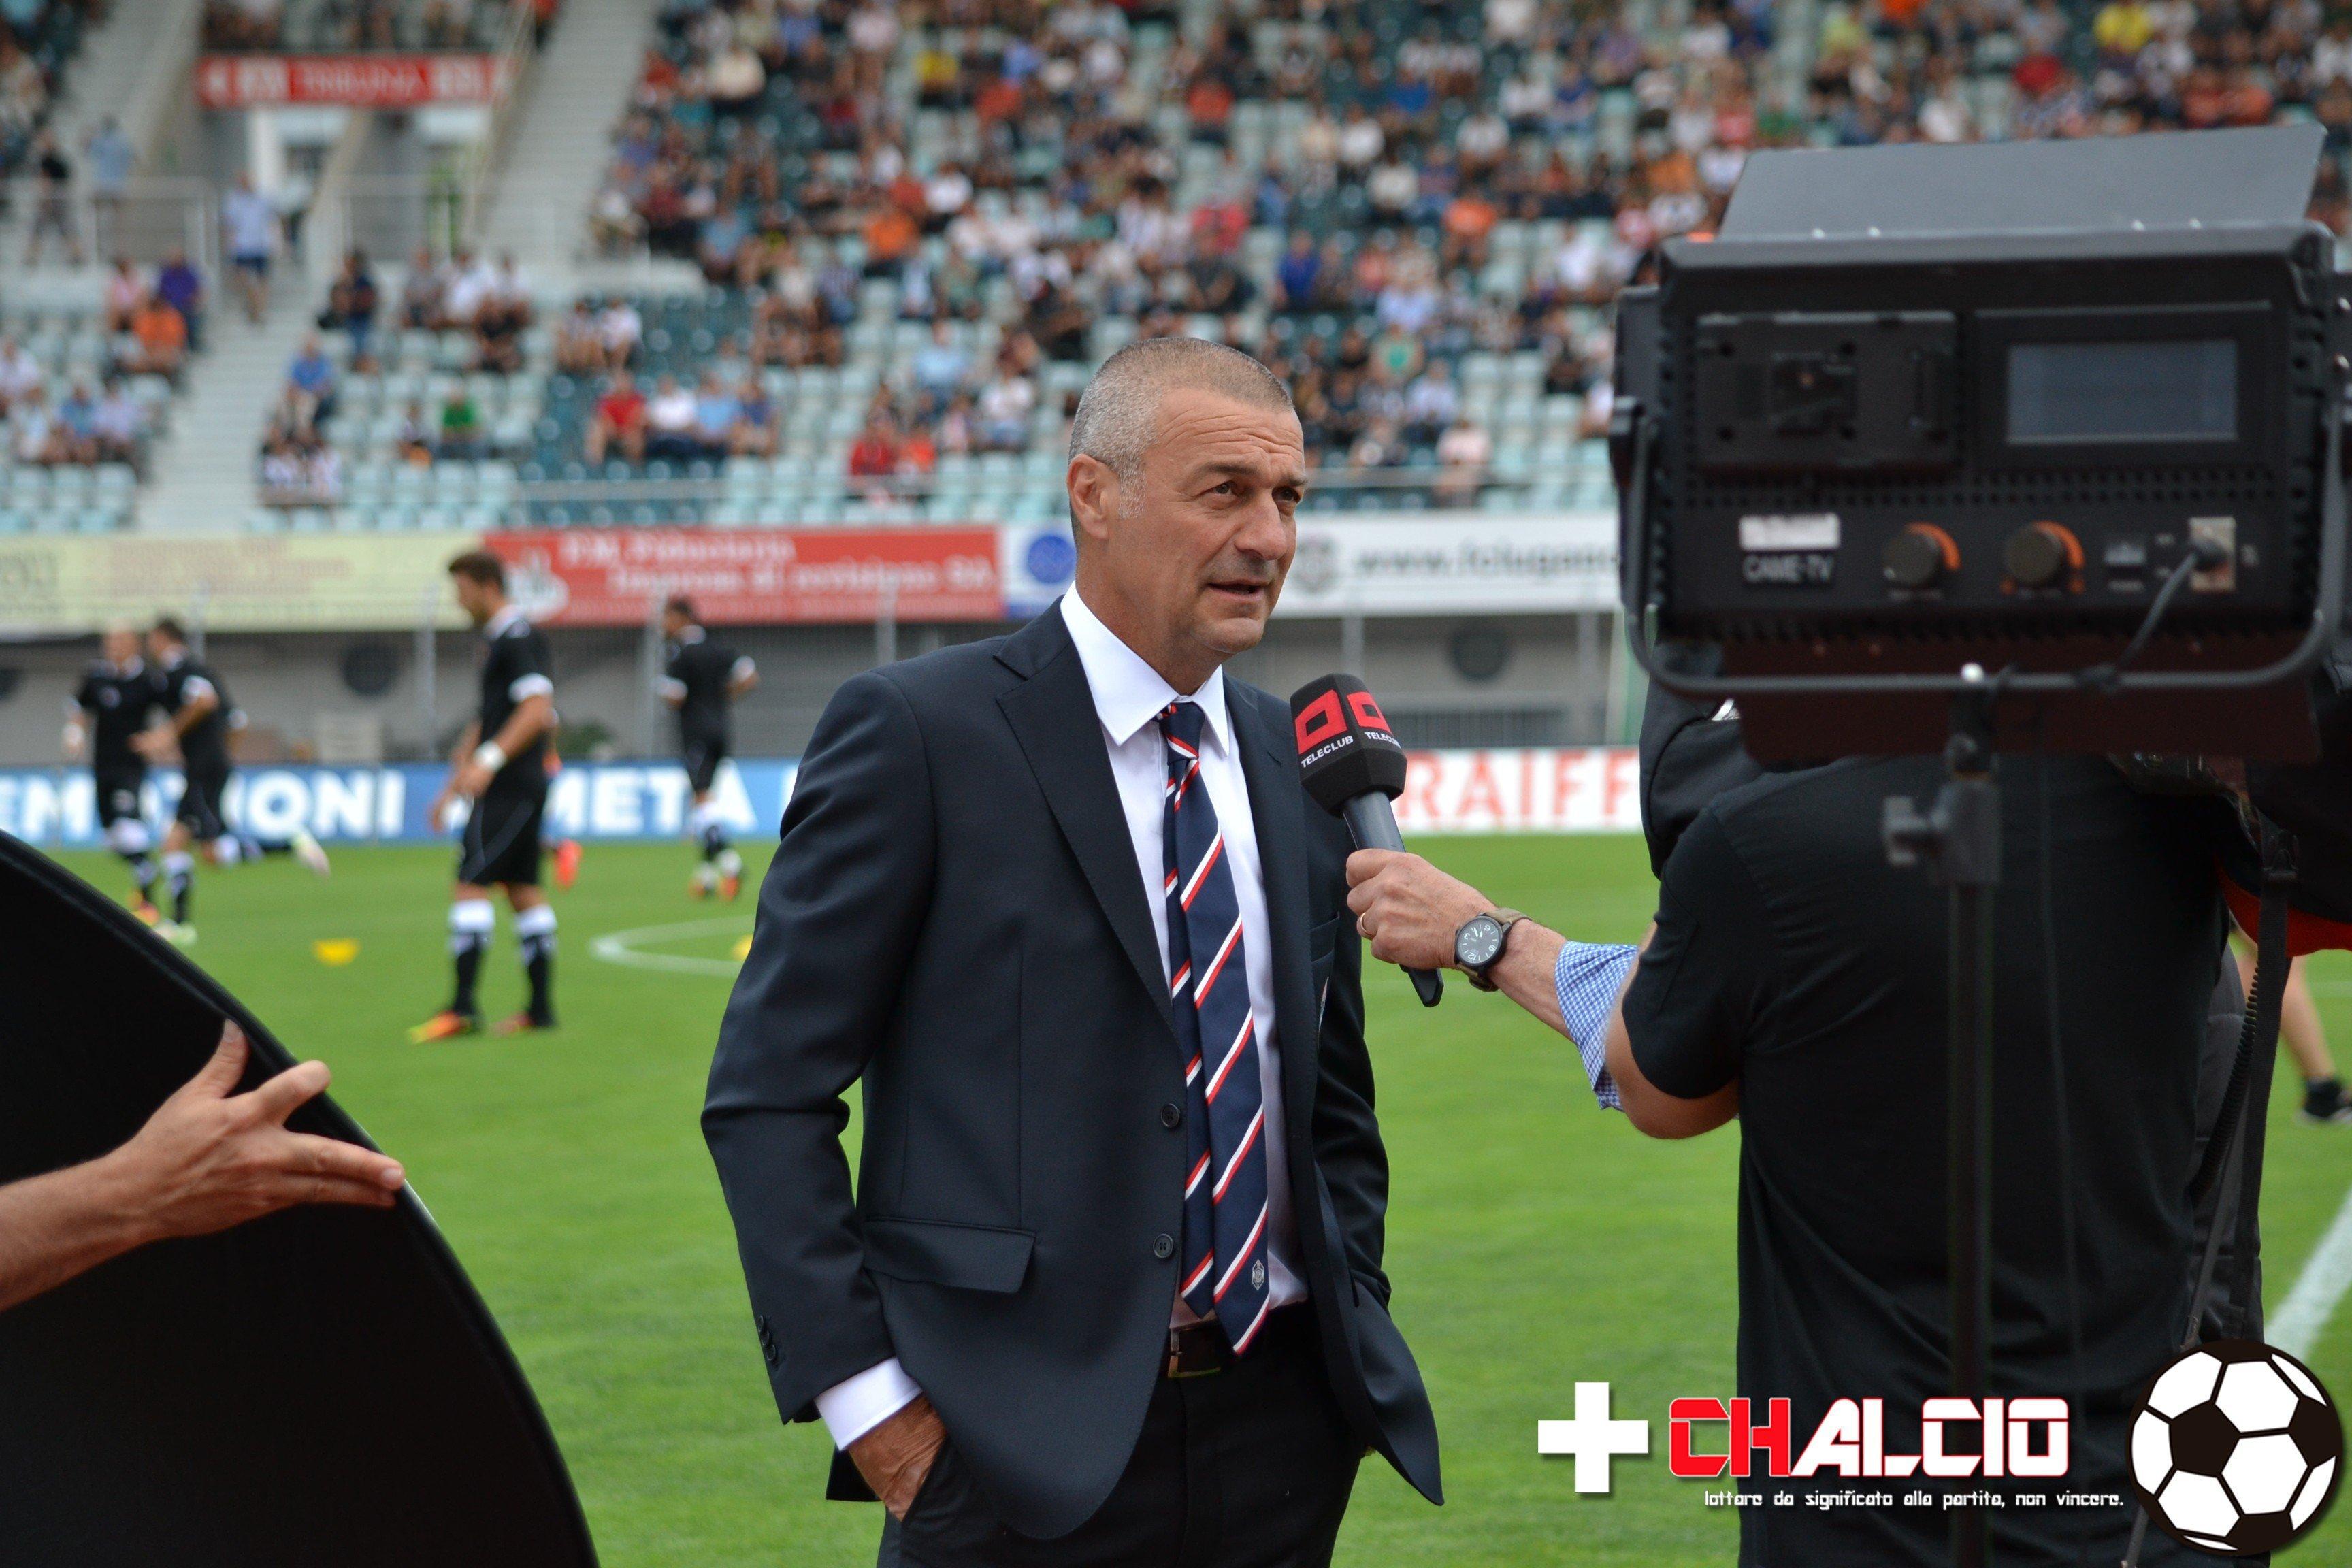 """Lugano, Manzo: """"Il Losanna ha un allenatore preparato, merita attenzione"""""""